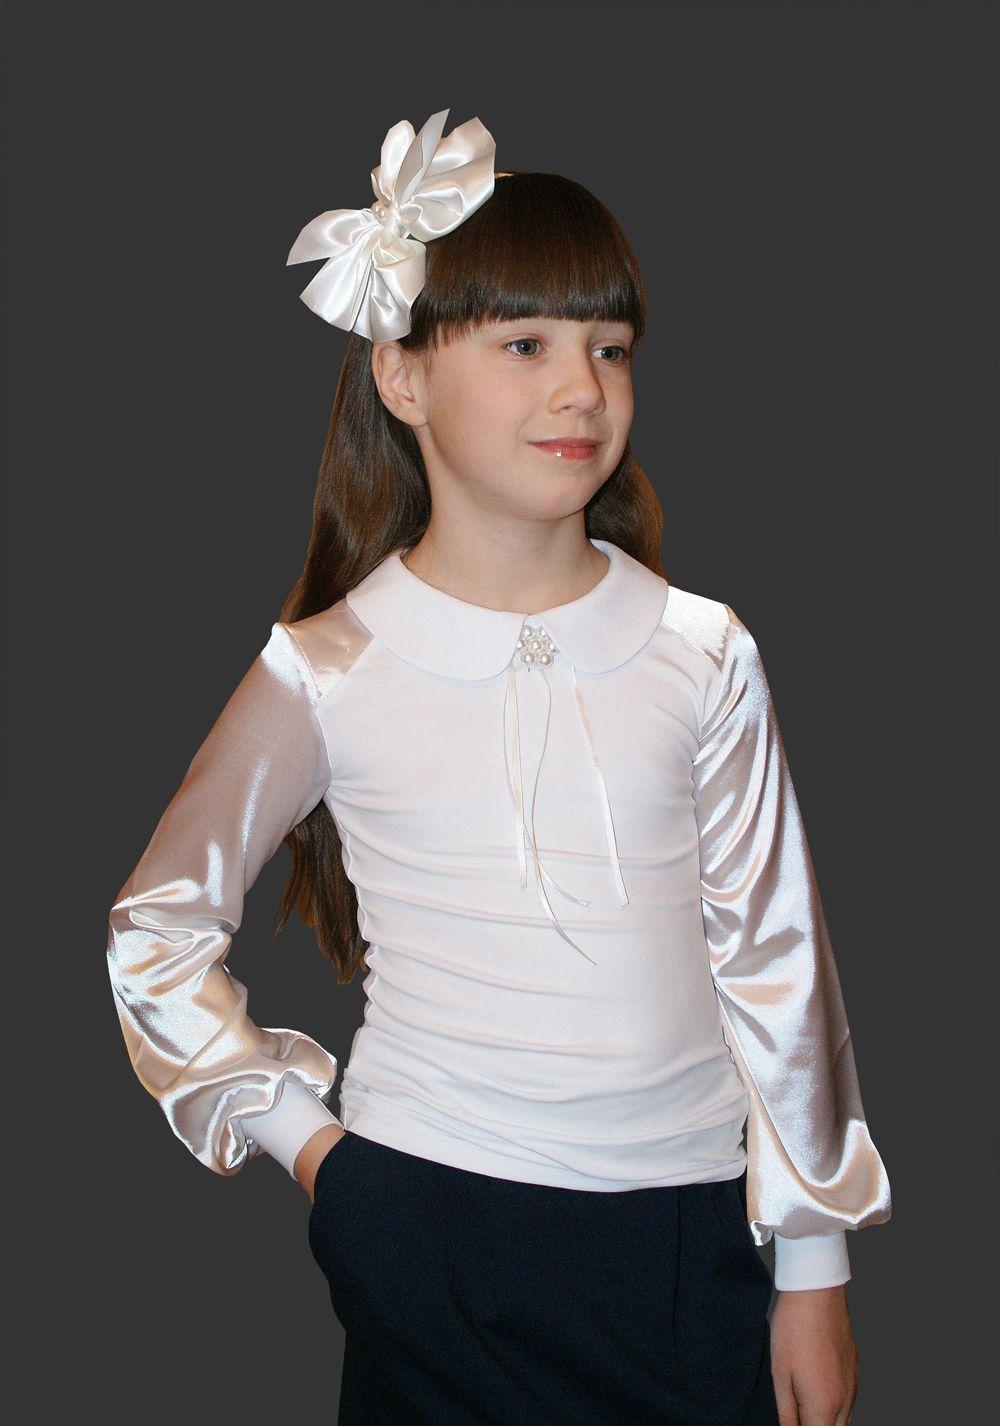 Сбор заказов. Одежда для детей М@ттiель-2. Скидки от 20% до 50%! Нарядные блузки для школы и не только, джемпера из теплого трикотажа. Праздничные платья. Коллекция для мальчиков. Супер качество на рост до 152см! Без рядов. Есть отзывы.